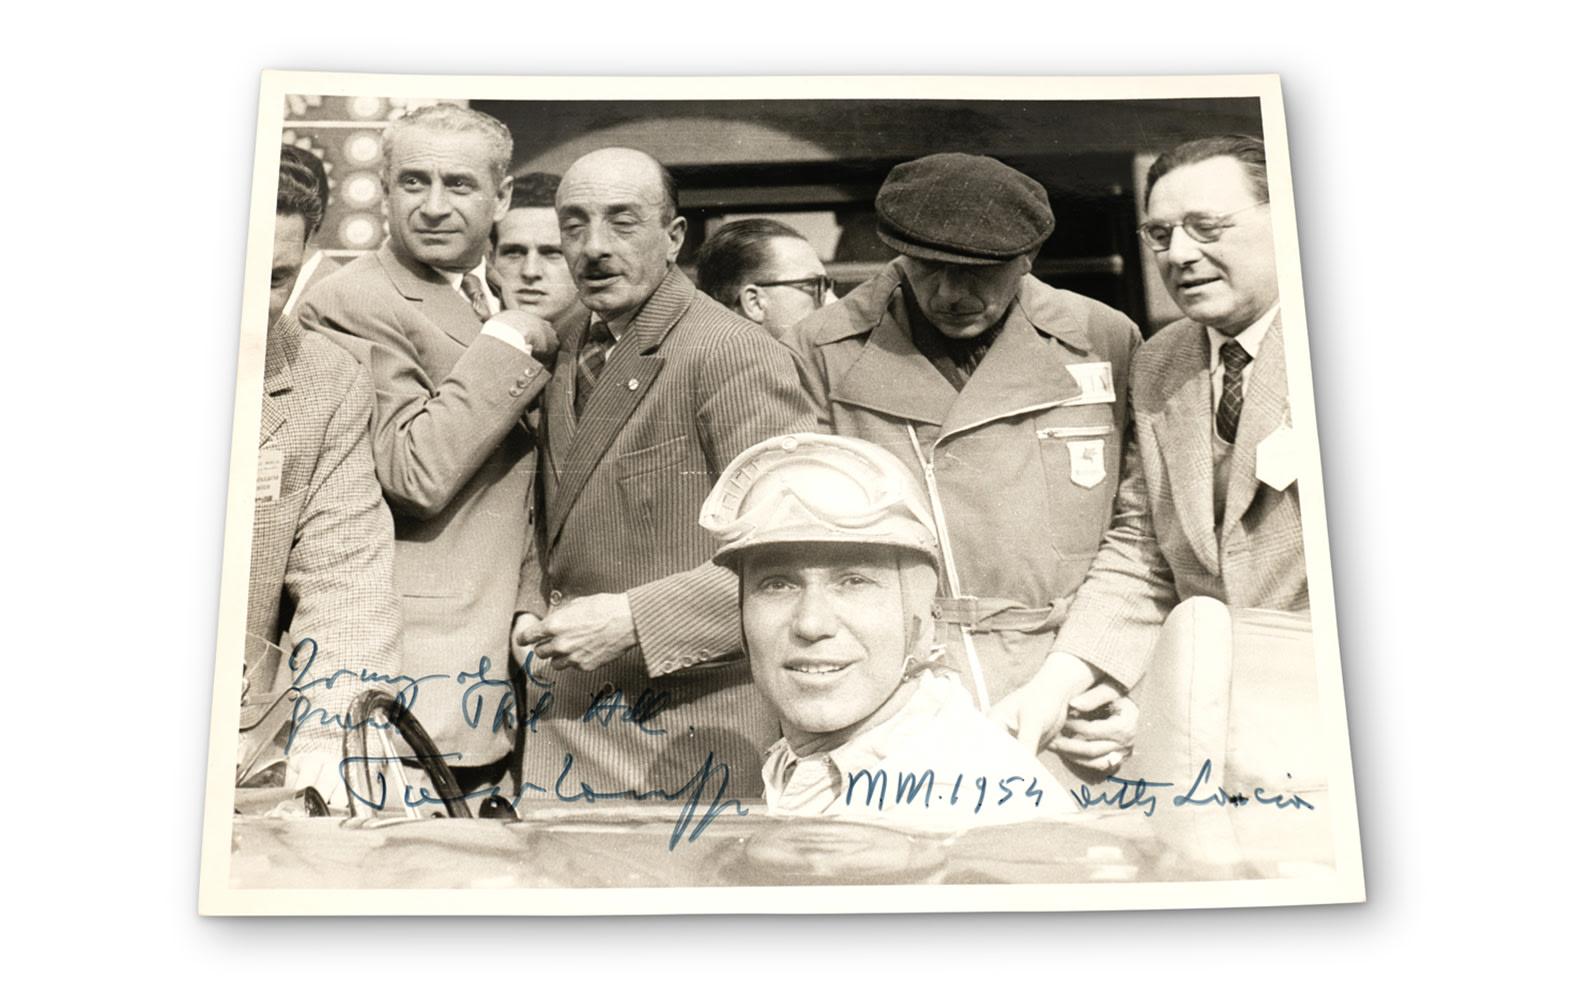 Prod/O21E - Phil Hill C 2021/C0194_1954 Mille Miglia Photograph of Piero Taruffi/C0194_1954_Mille_Miglia_Piero_Taruffi_1_lfzqfj